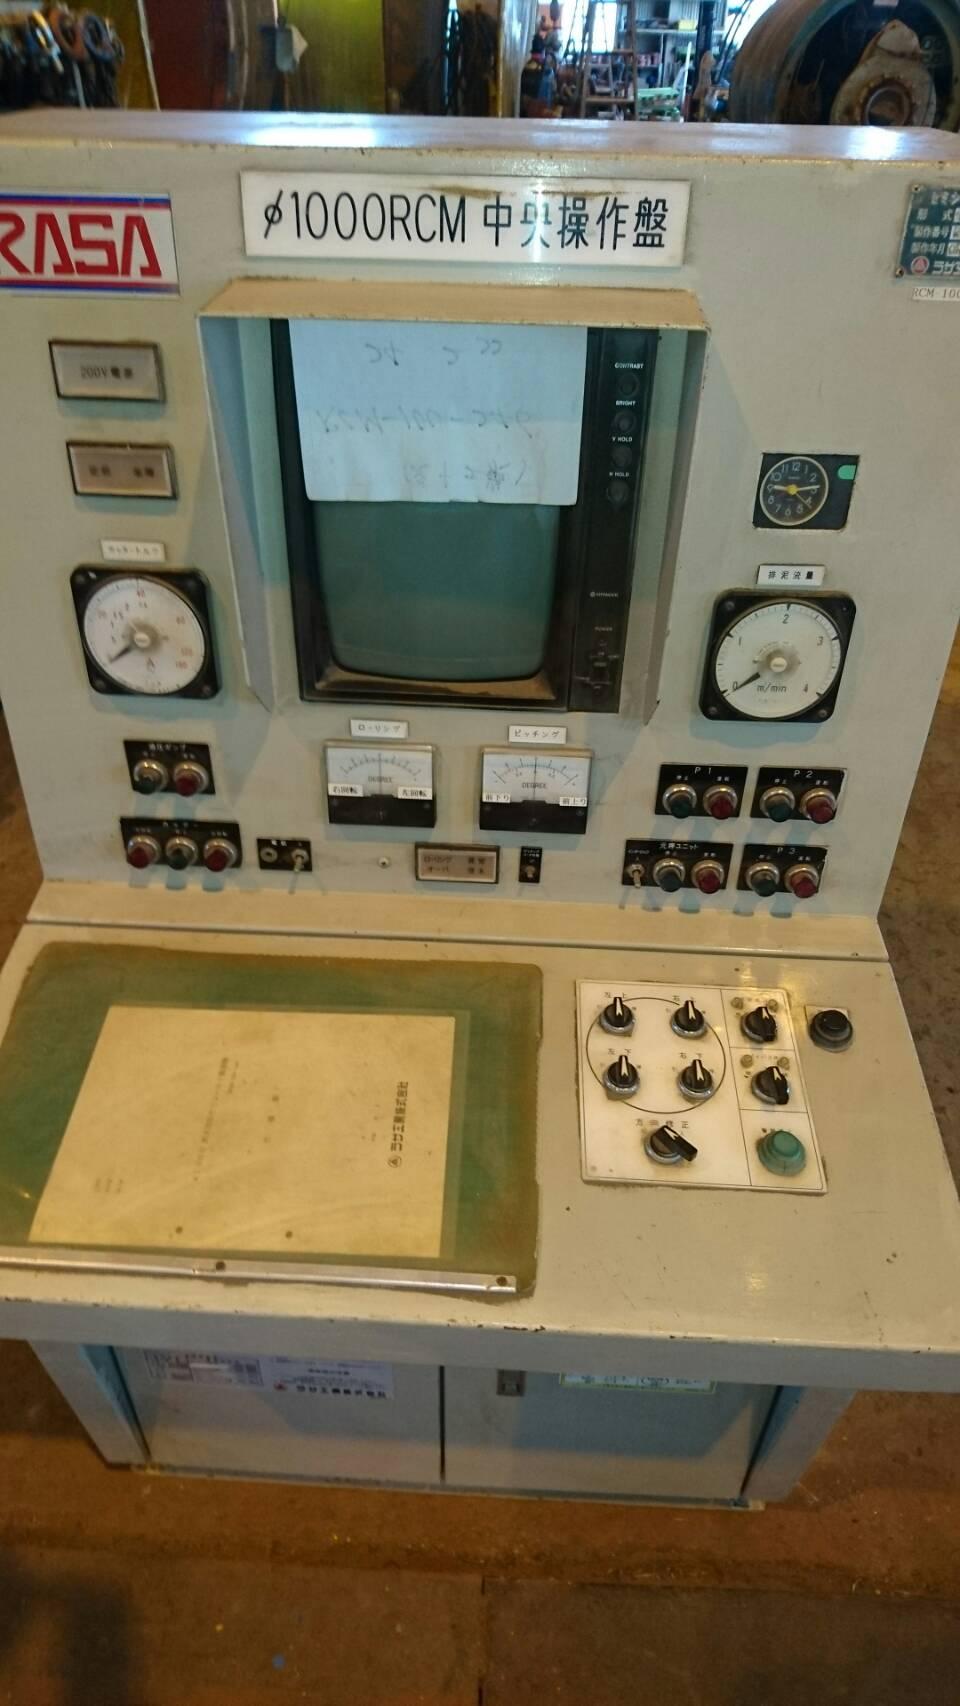 RASA  RCM-1000  (1997)